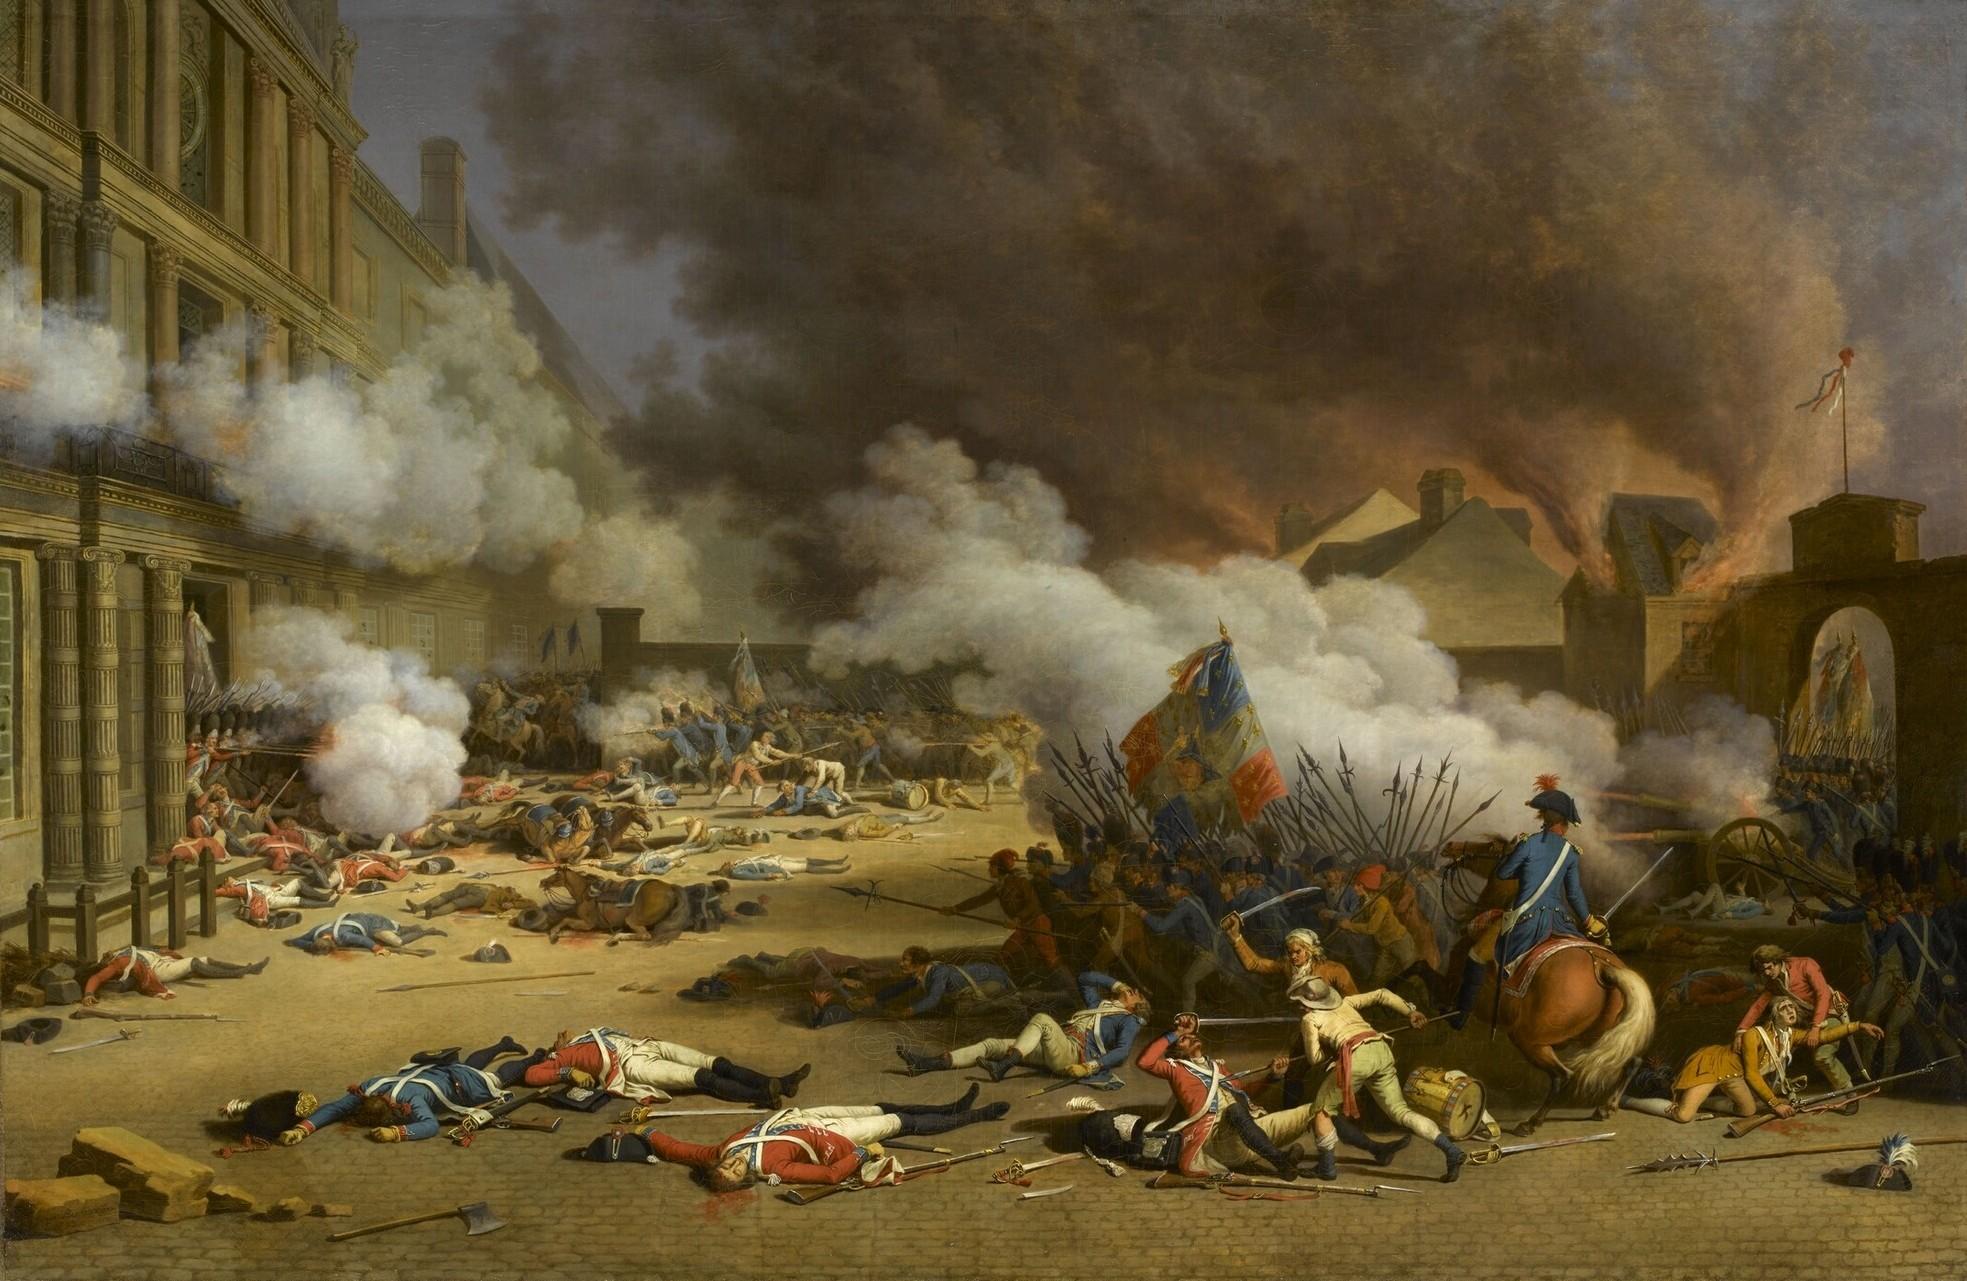 Frantziako Iraultza 1789. urteko datari lotua ikusiko duzue liburuetan.